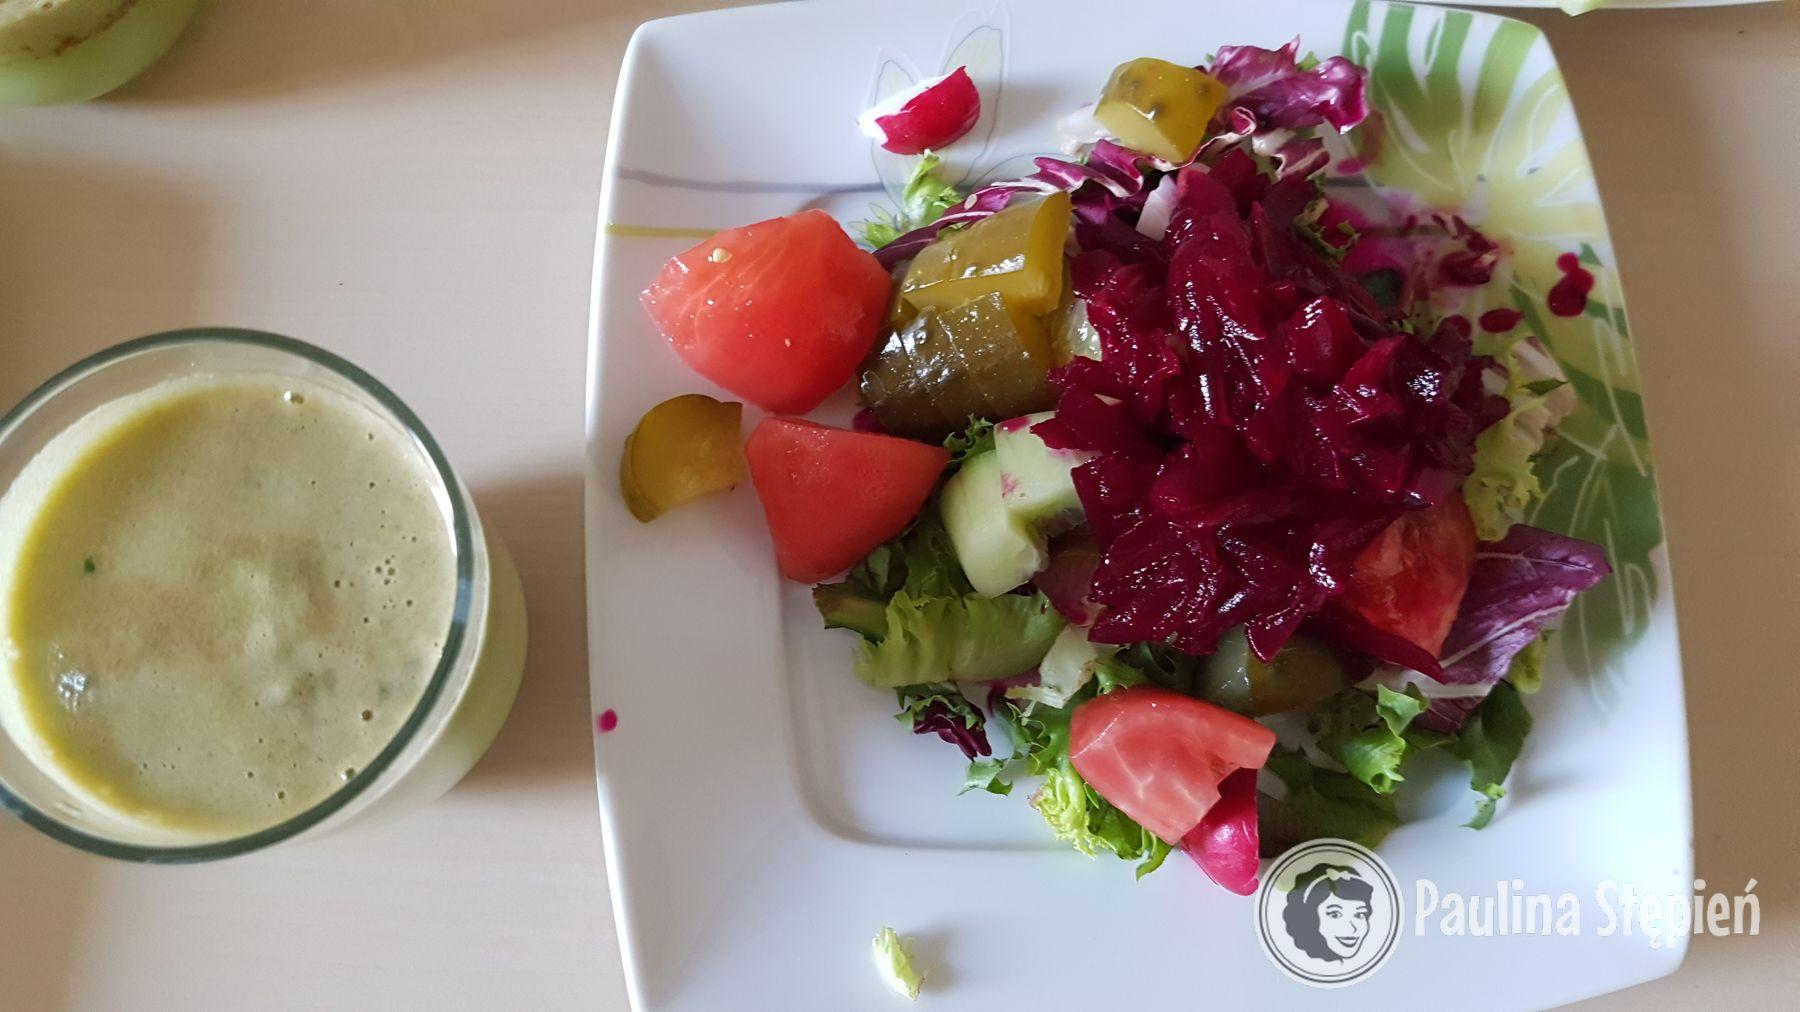 Śniadanie na diecie warzywnej